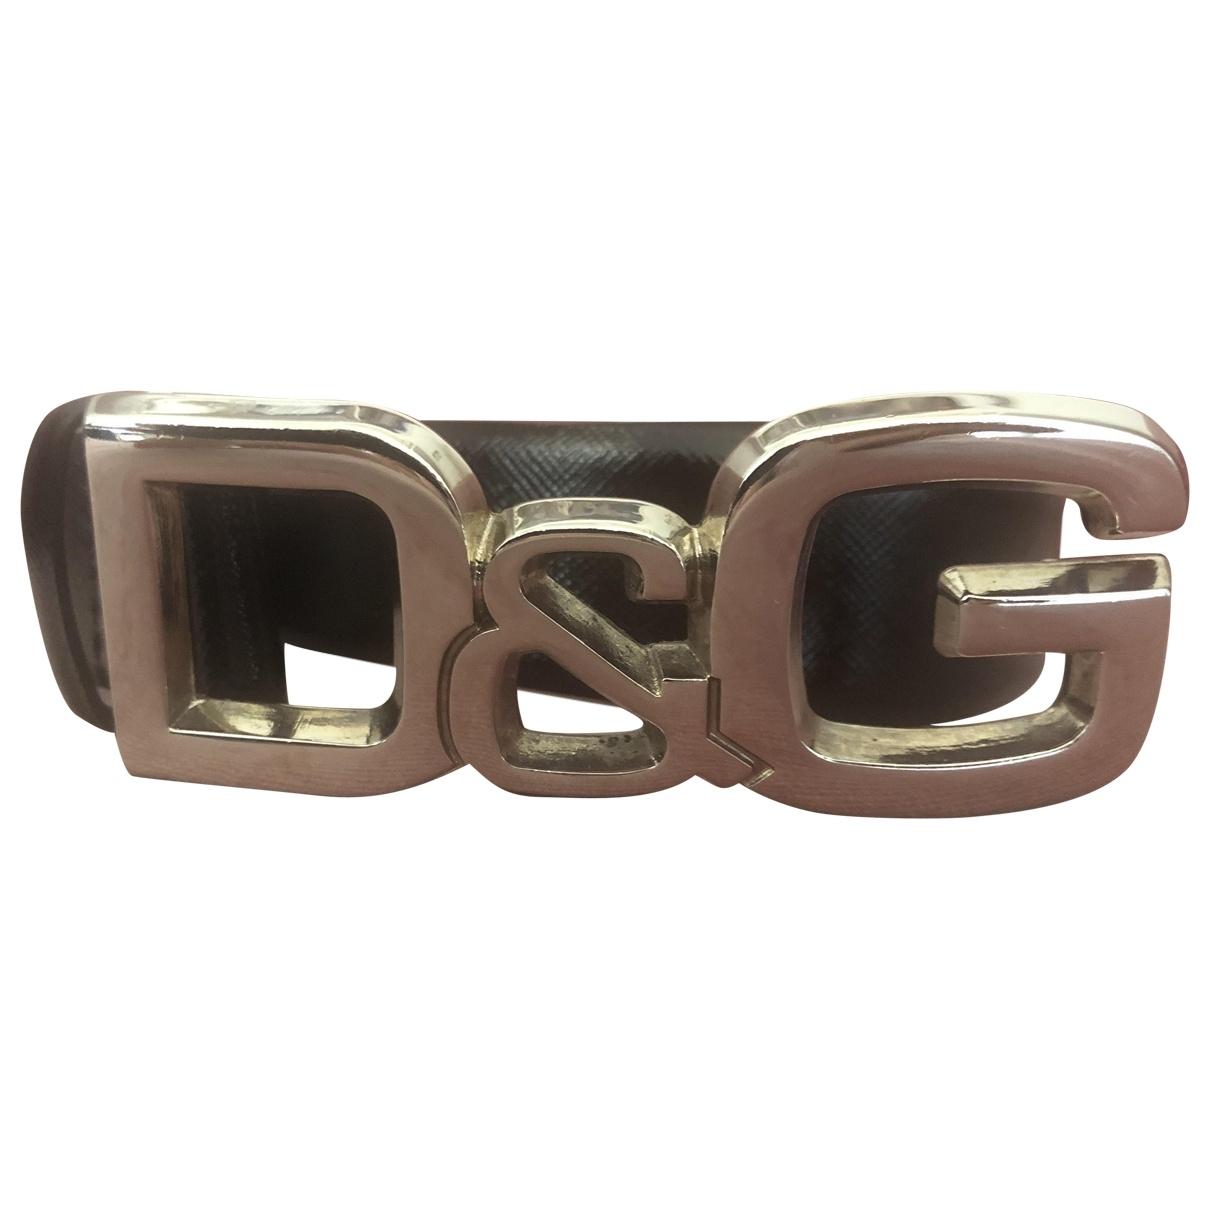 D&g \N Black Leather belt for Women S International